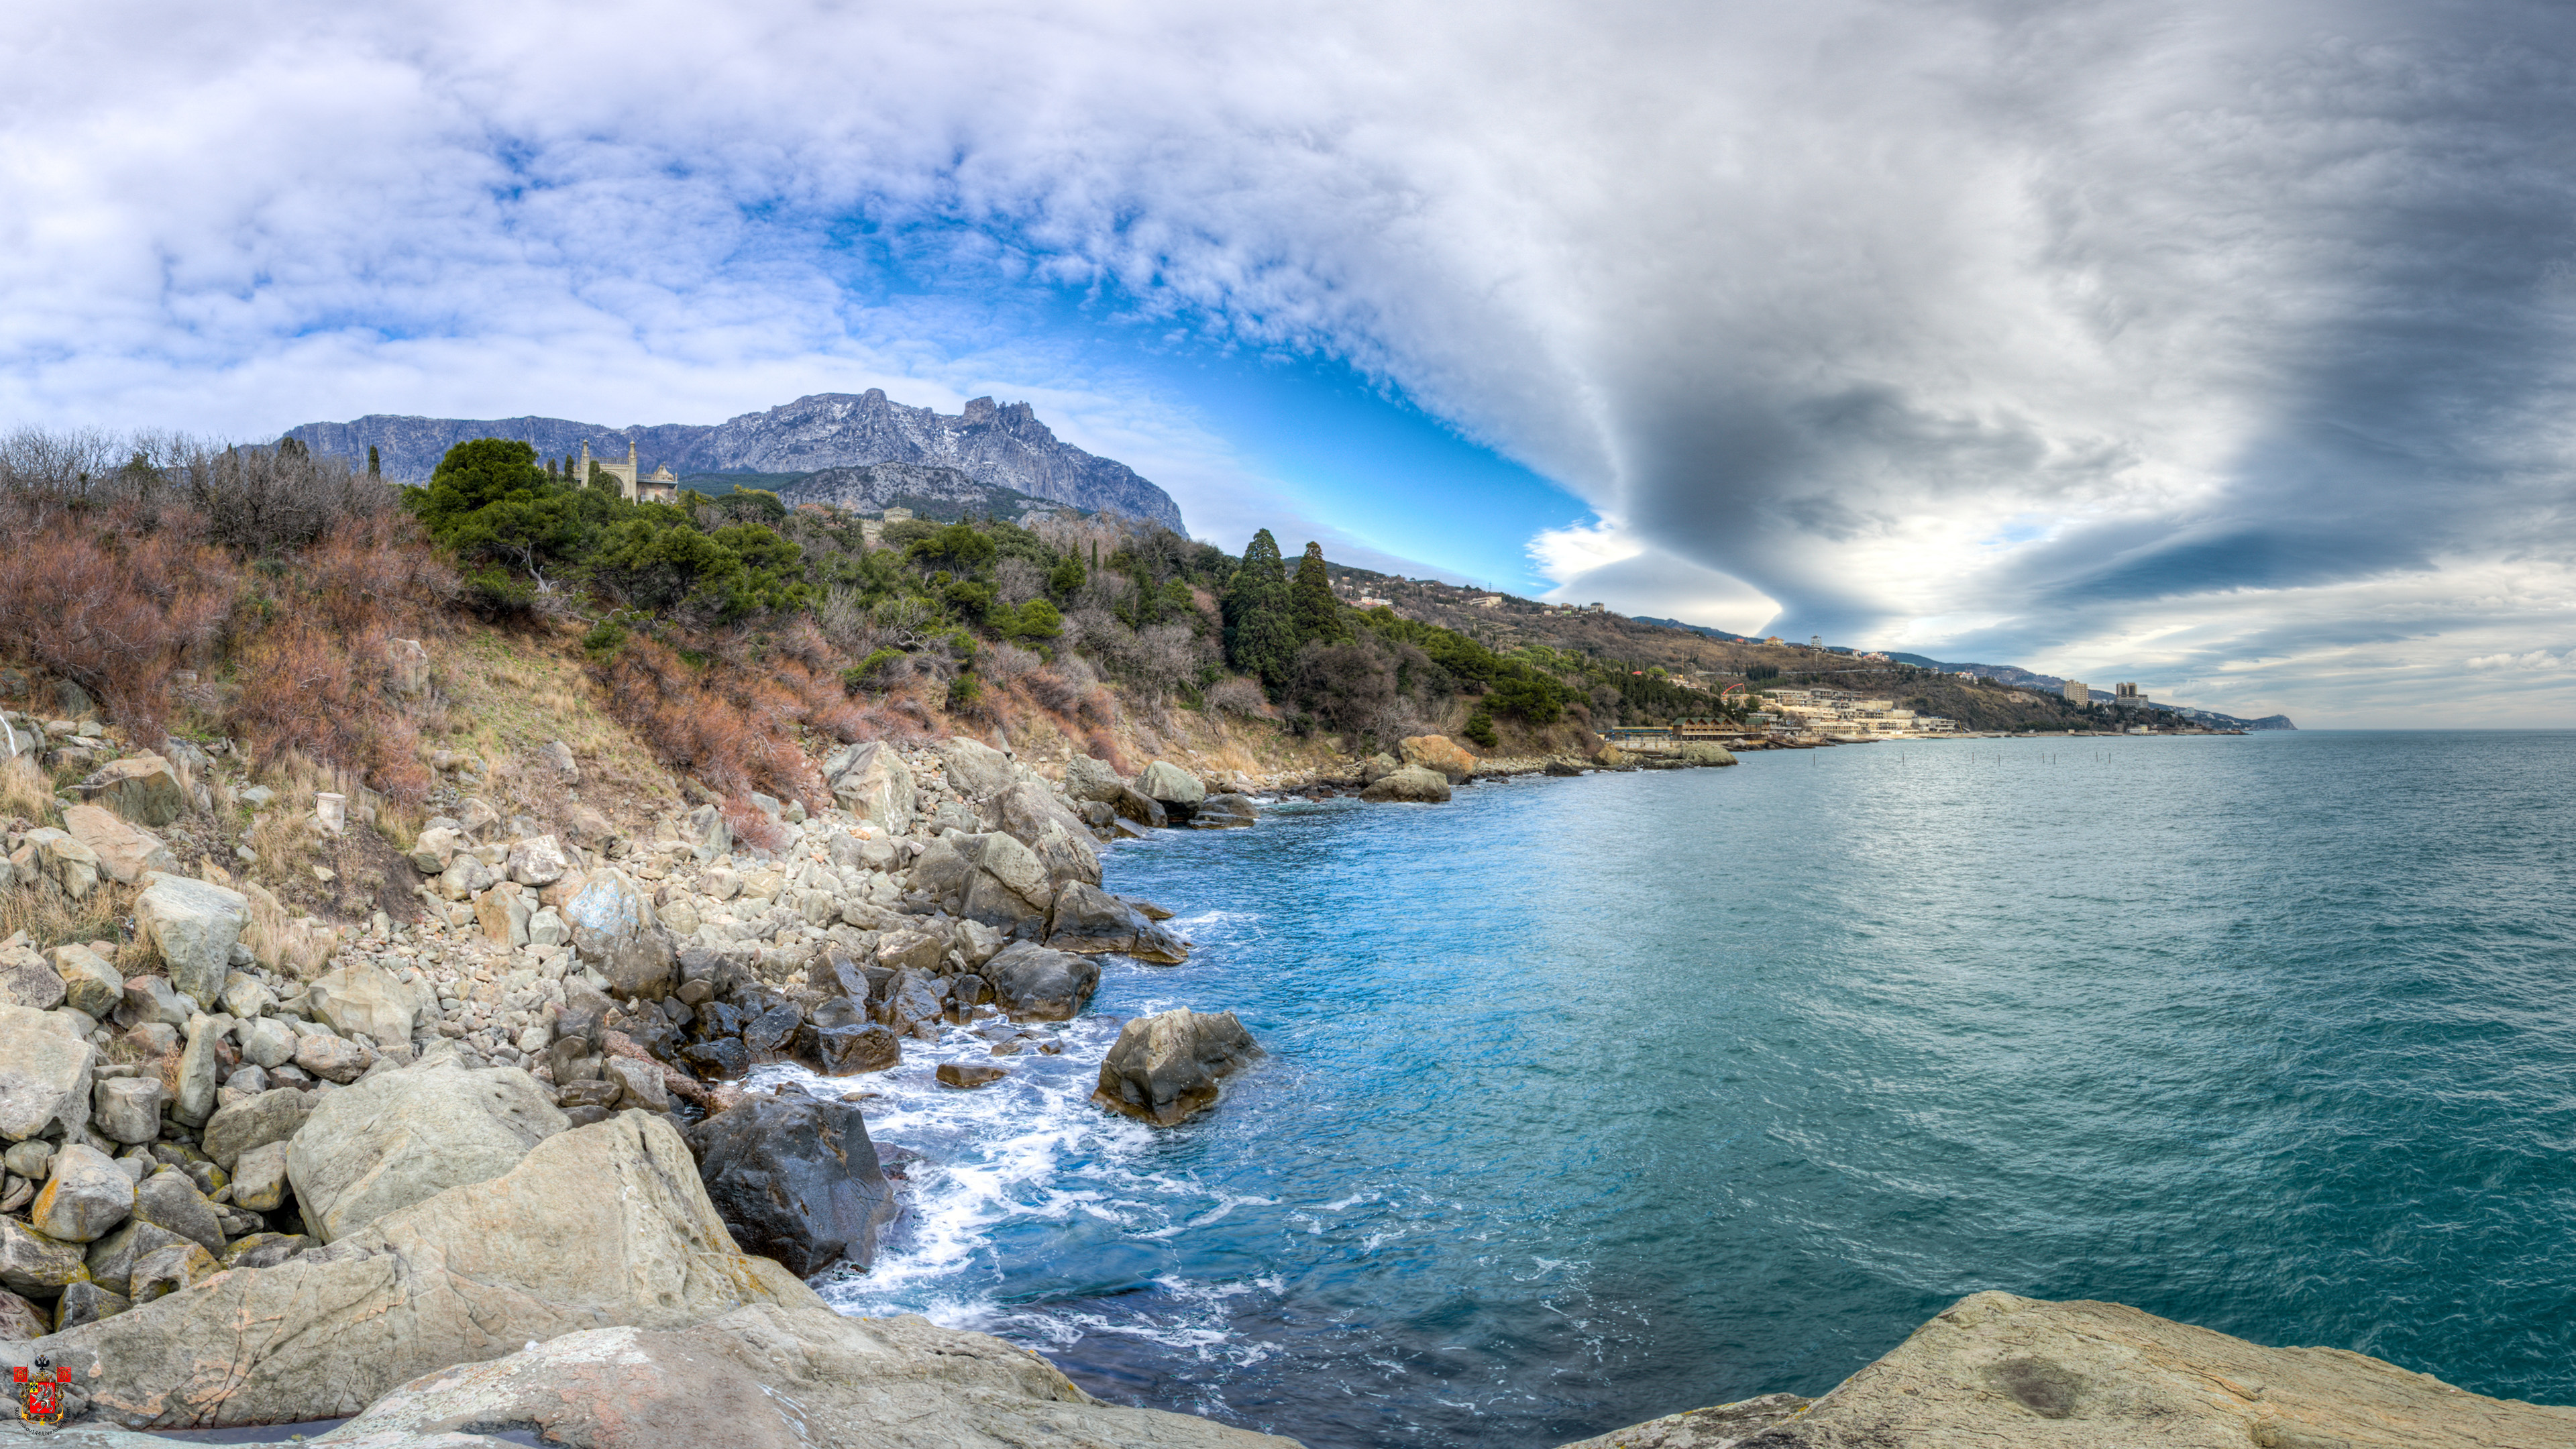 картинки на рабочий стол море горы природа черное море стоит слепо